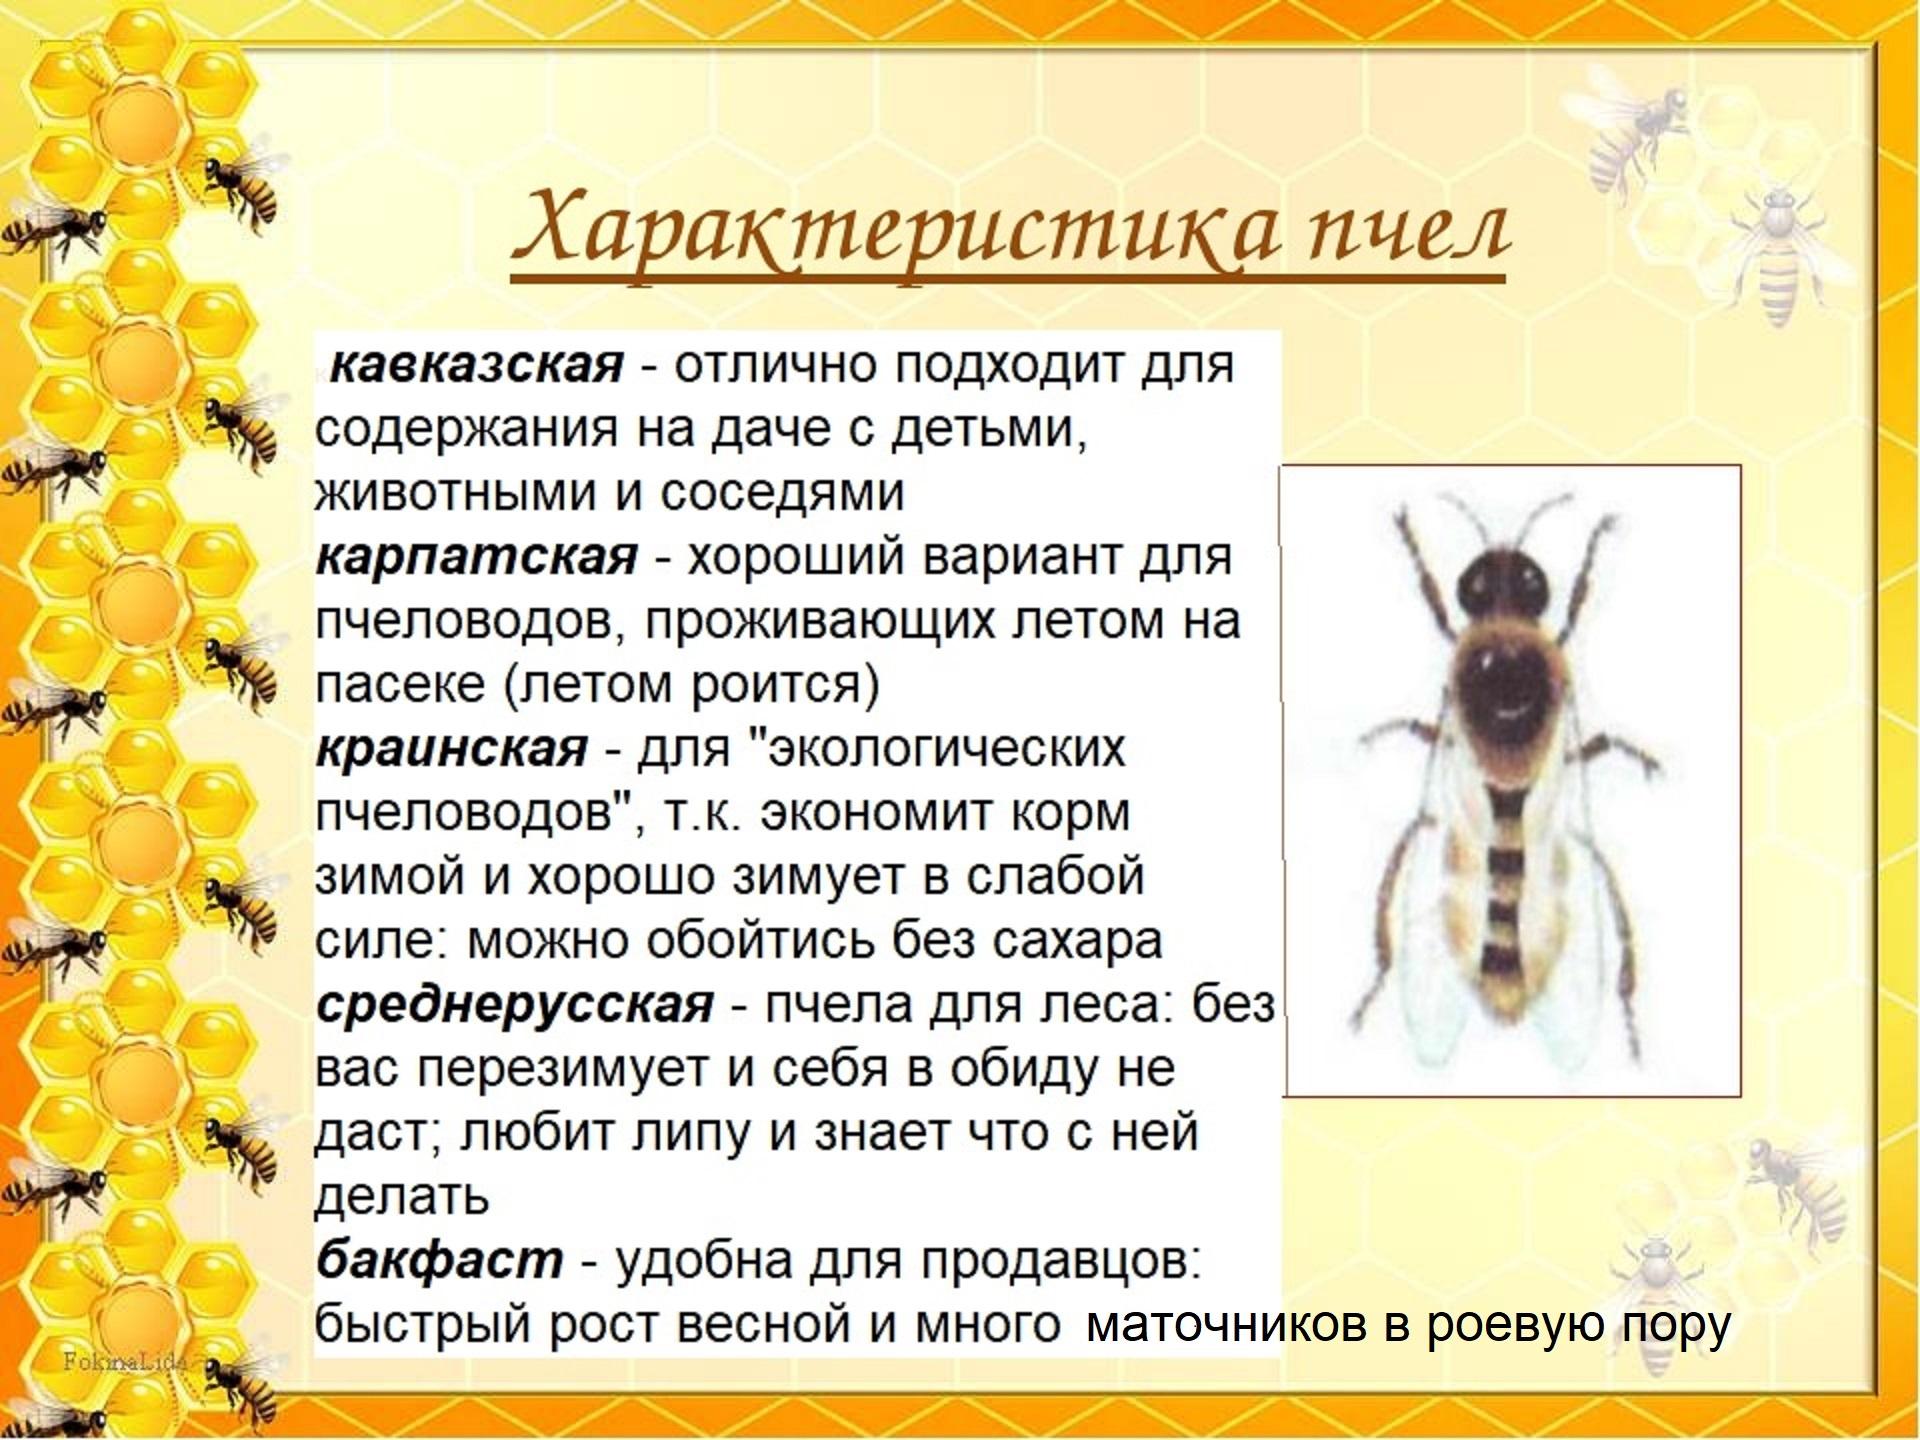 Порода пчёл Карпатка